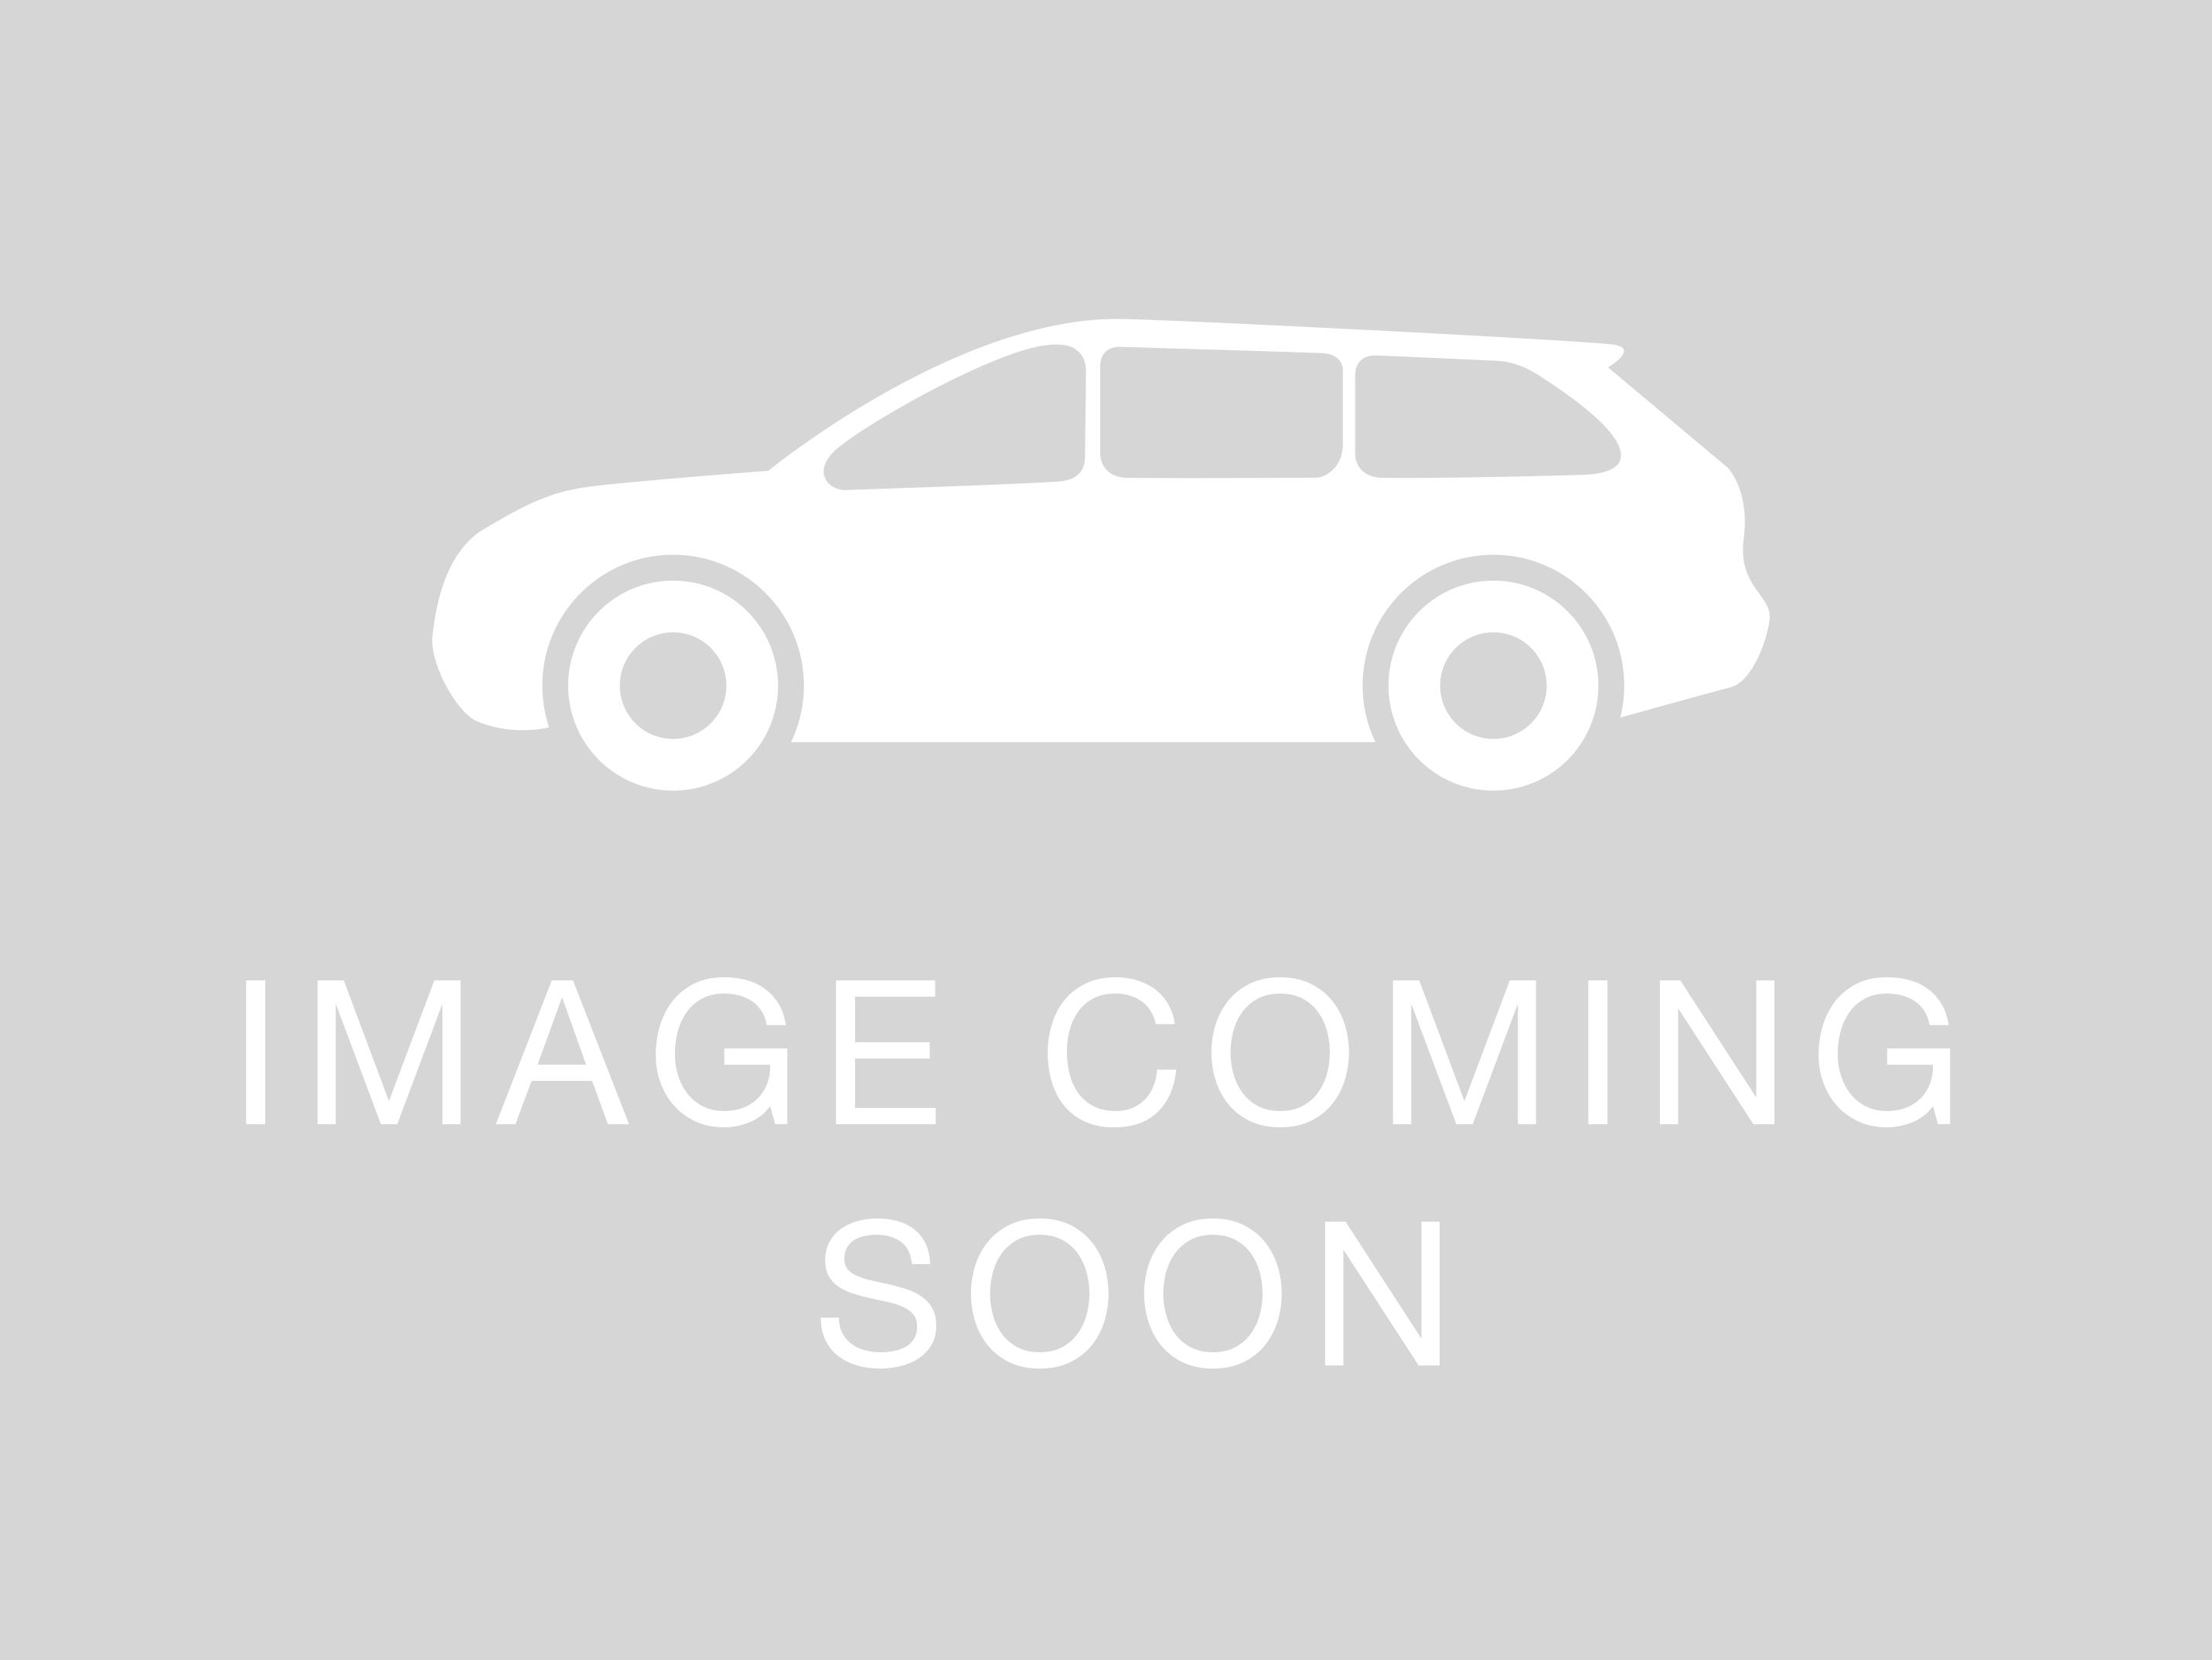 2019 RAM 1500 Laramie 5.7L